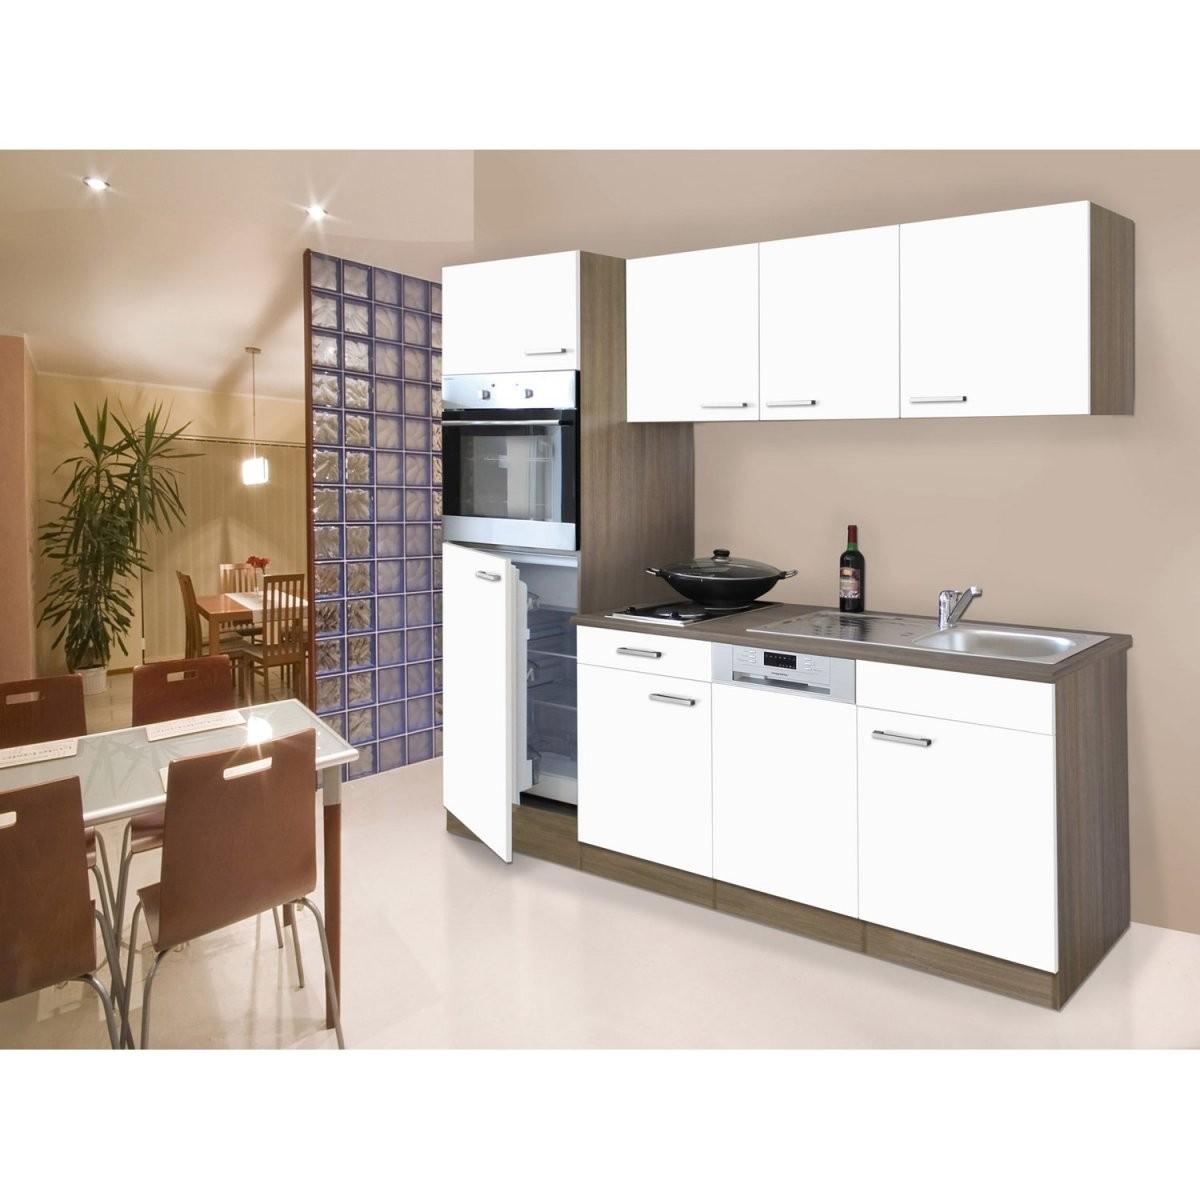 Küchenzeilen – Infos Und Günstig Online Kaufen von Küchenzeile 220 Cm Ohne Geräte Photo